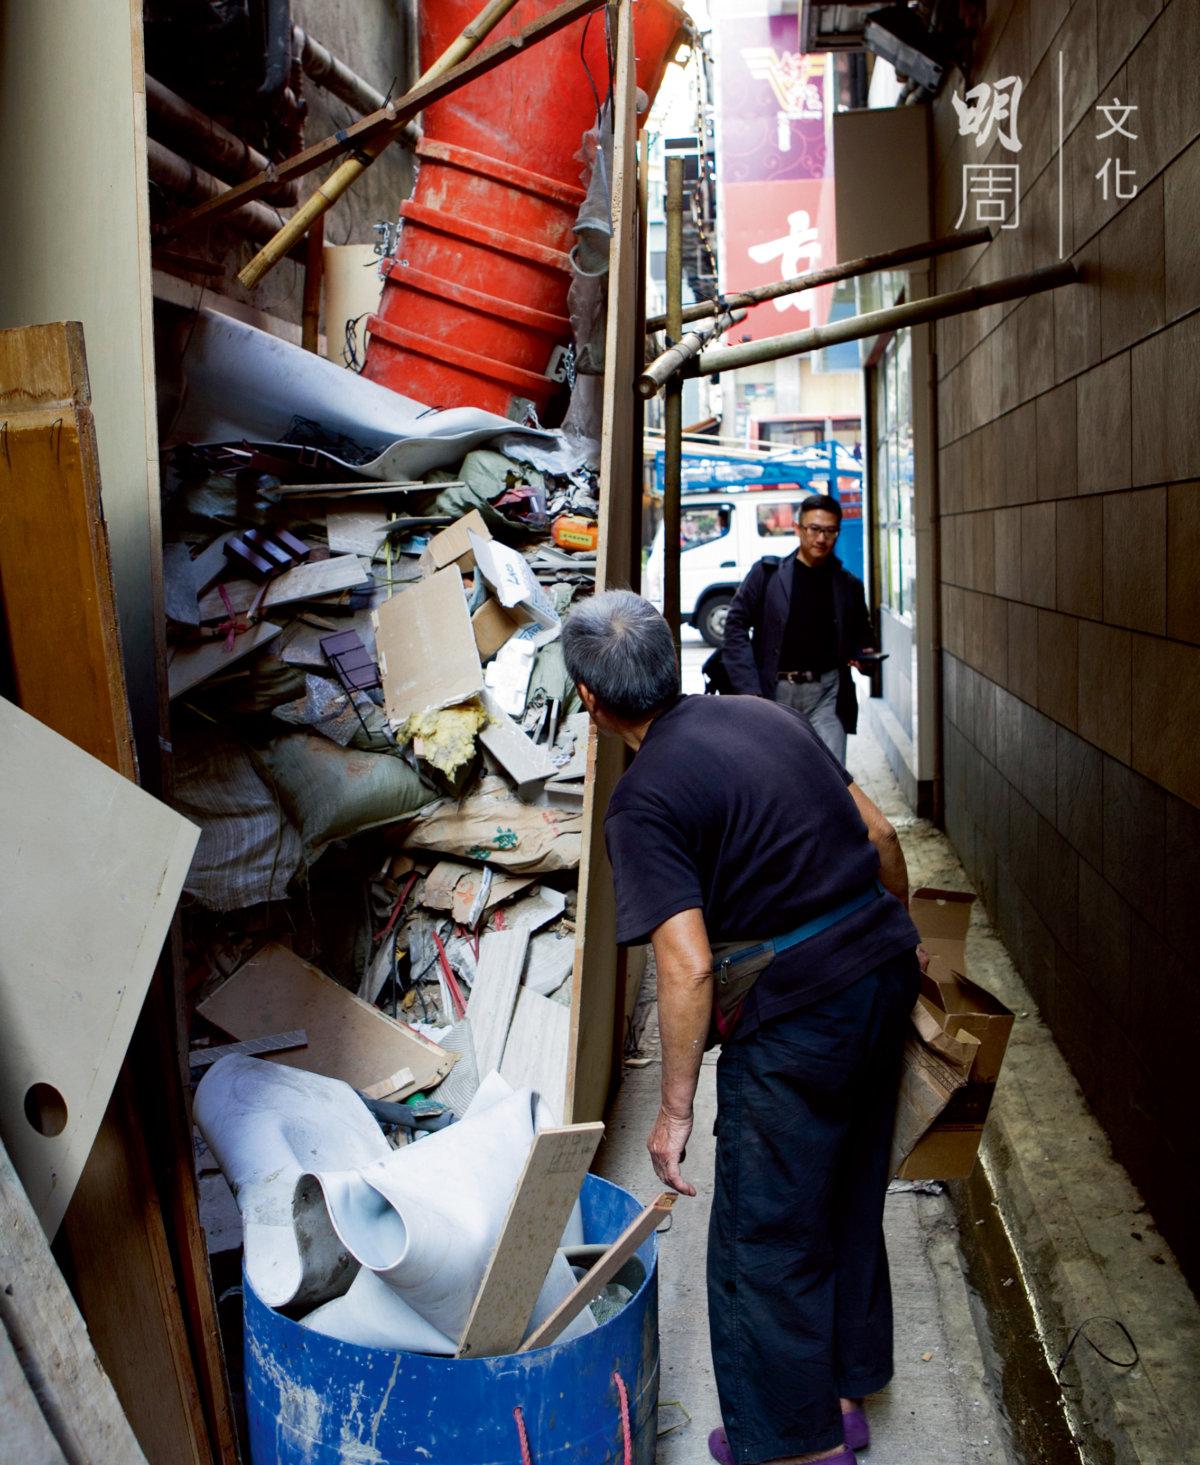 她在一堆建築廢物中拖出一小塊紙板,廢料差點傾瀉而下。